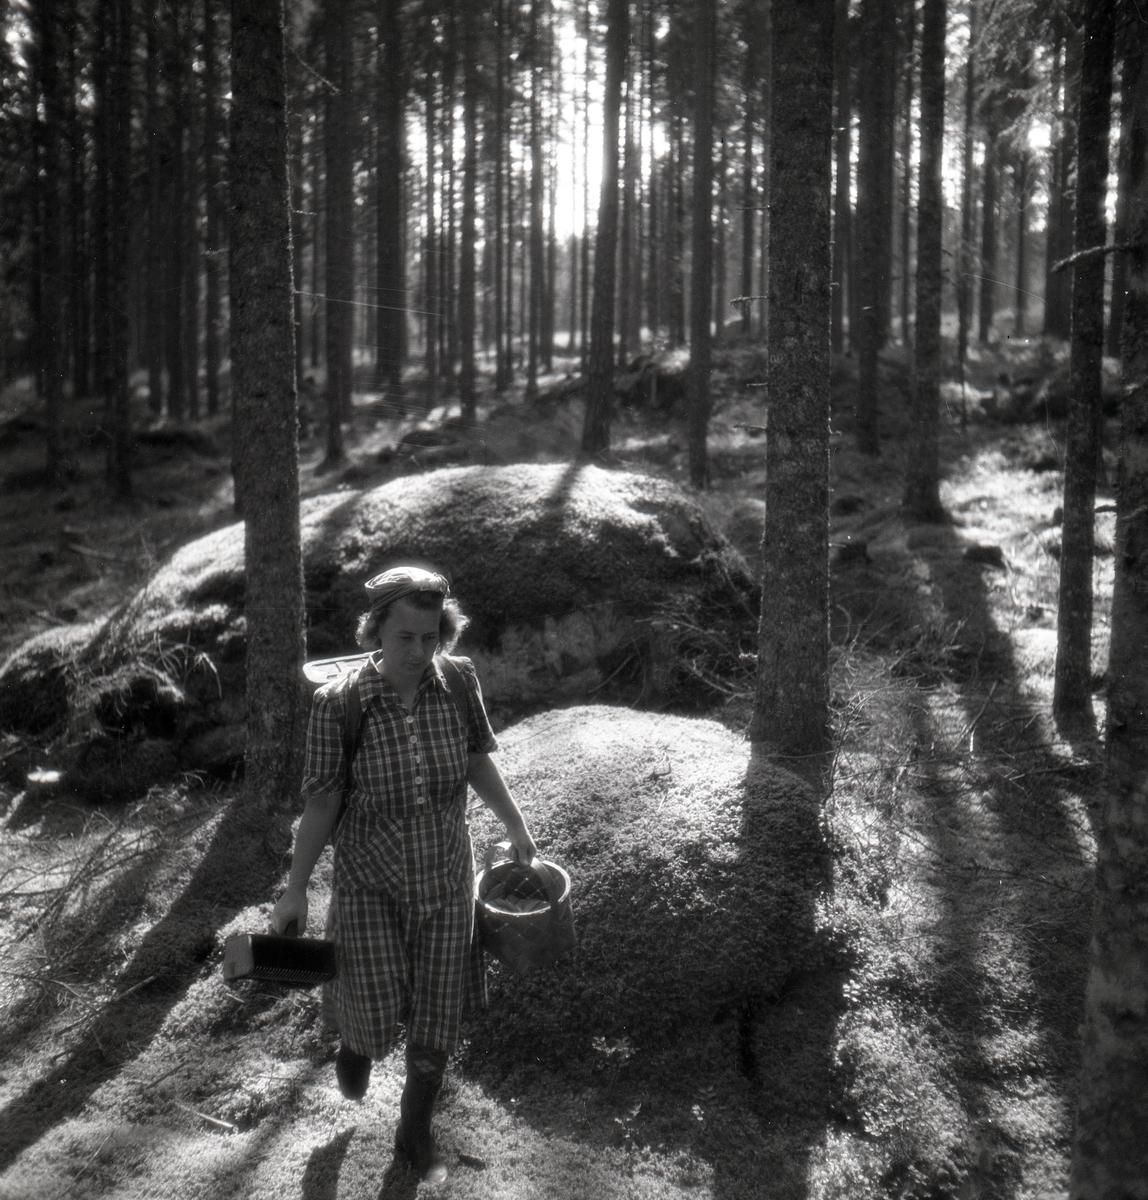 En kvinna vandrar i skogen med en bärplockare och korg i händerna samt en kont på ryggen. Solen lyser upp mellan trädstammarna på mossiga stenar.